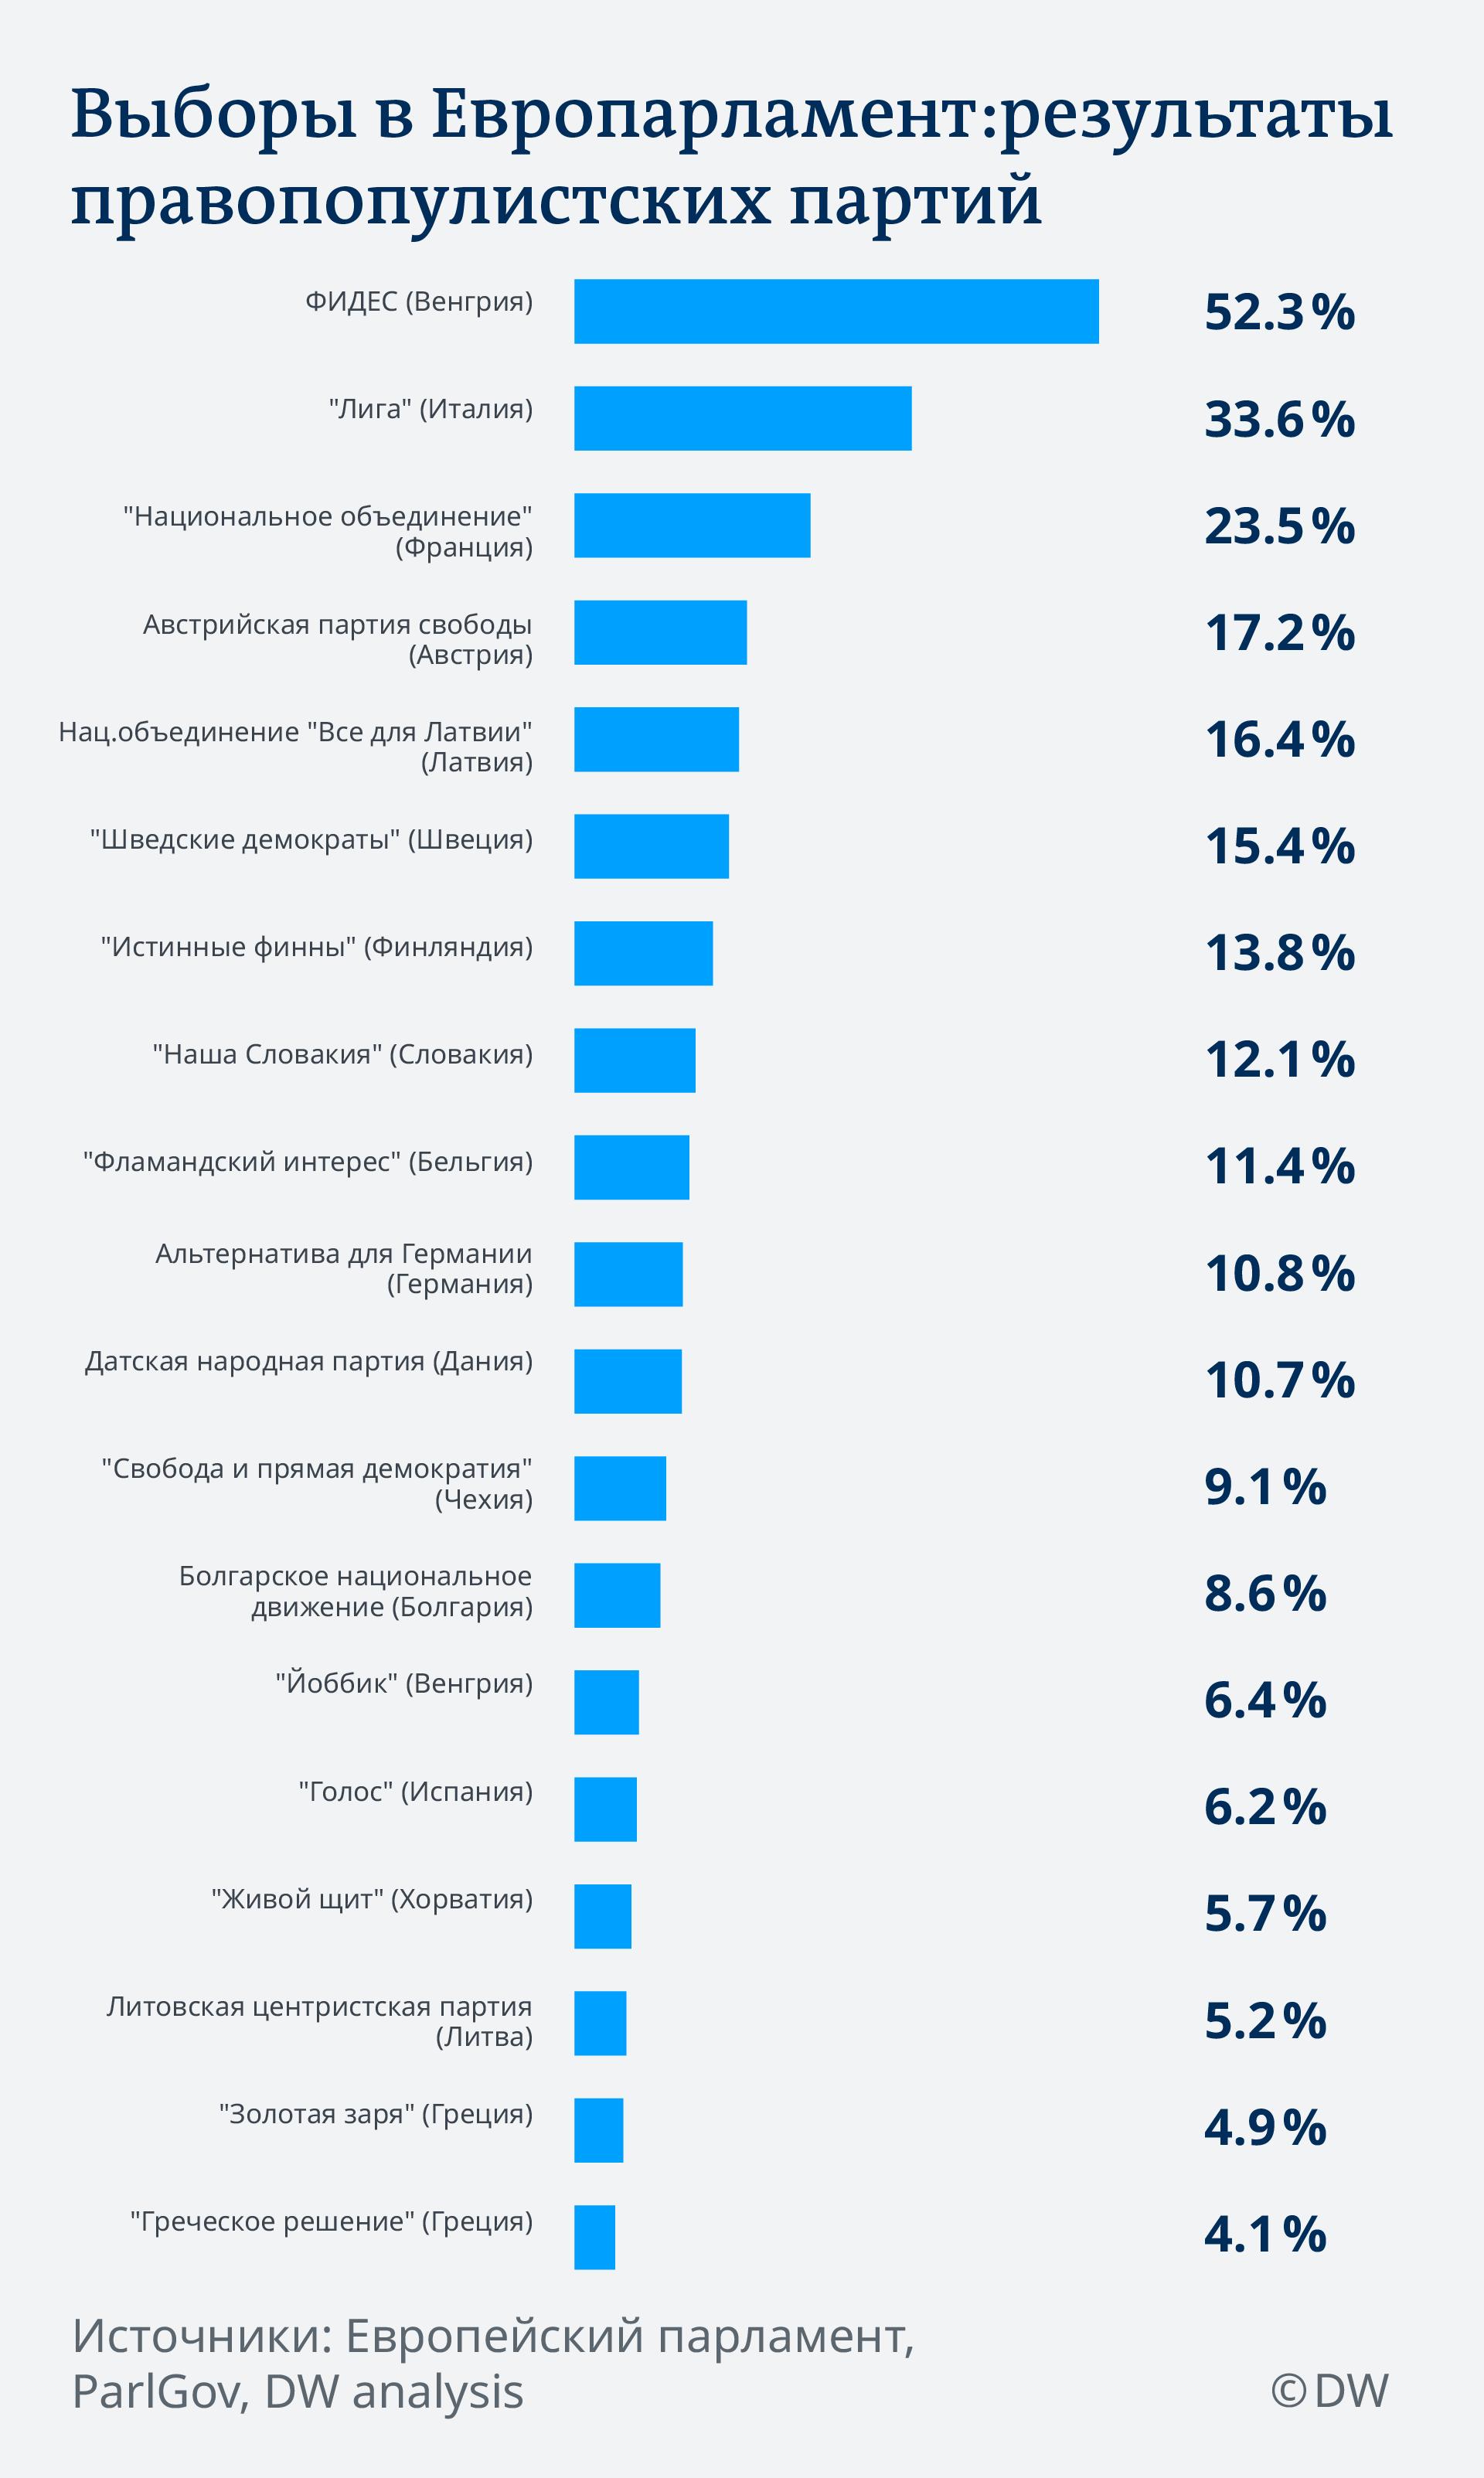 Data Visualization RU Выборы в Европарламент: результаты правопопулистских партий